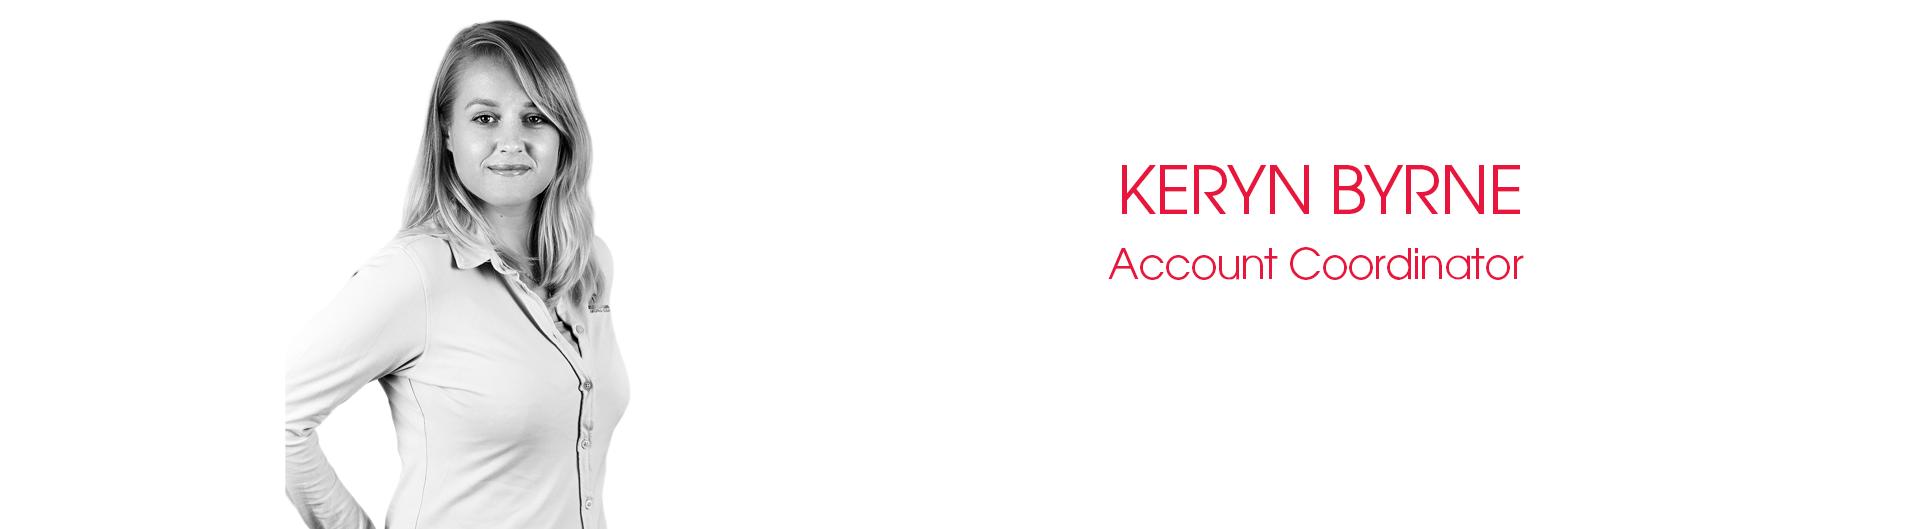 Keryn Byrne Account Coordinator